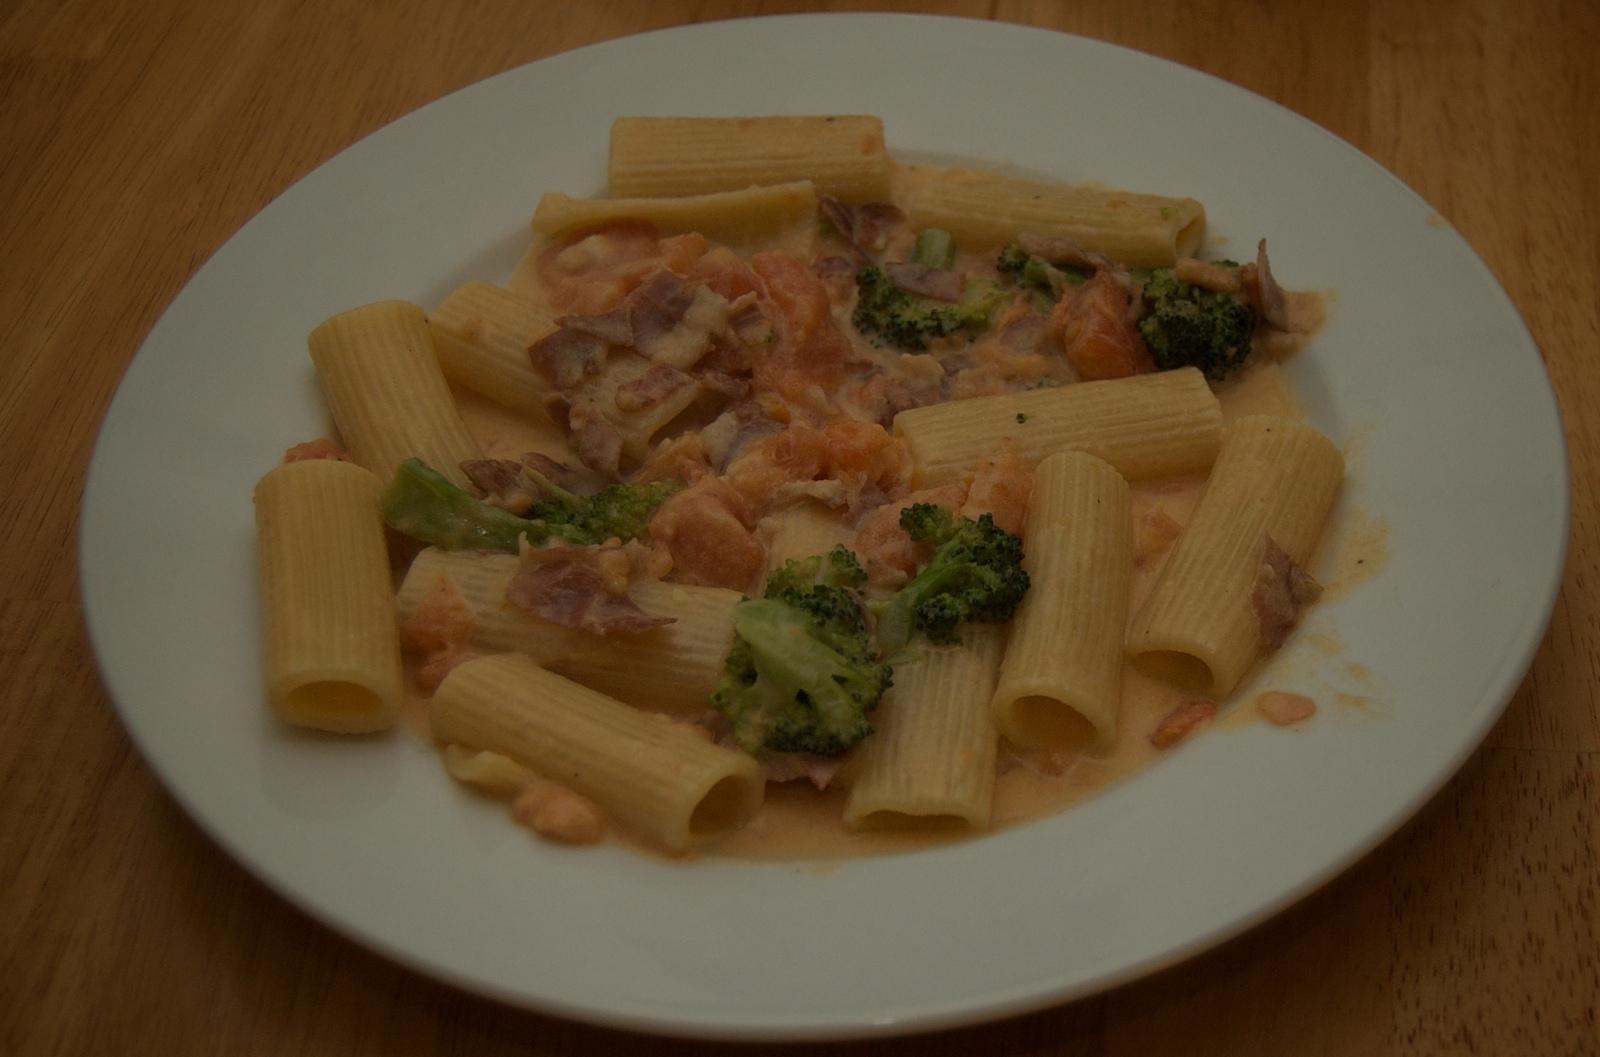 http://blog.rickk.com/food/2009/12/21/DSC_0006.jpg